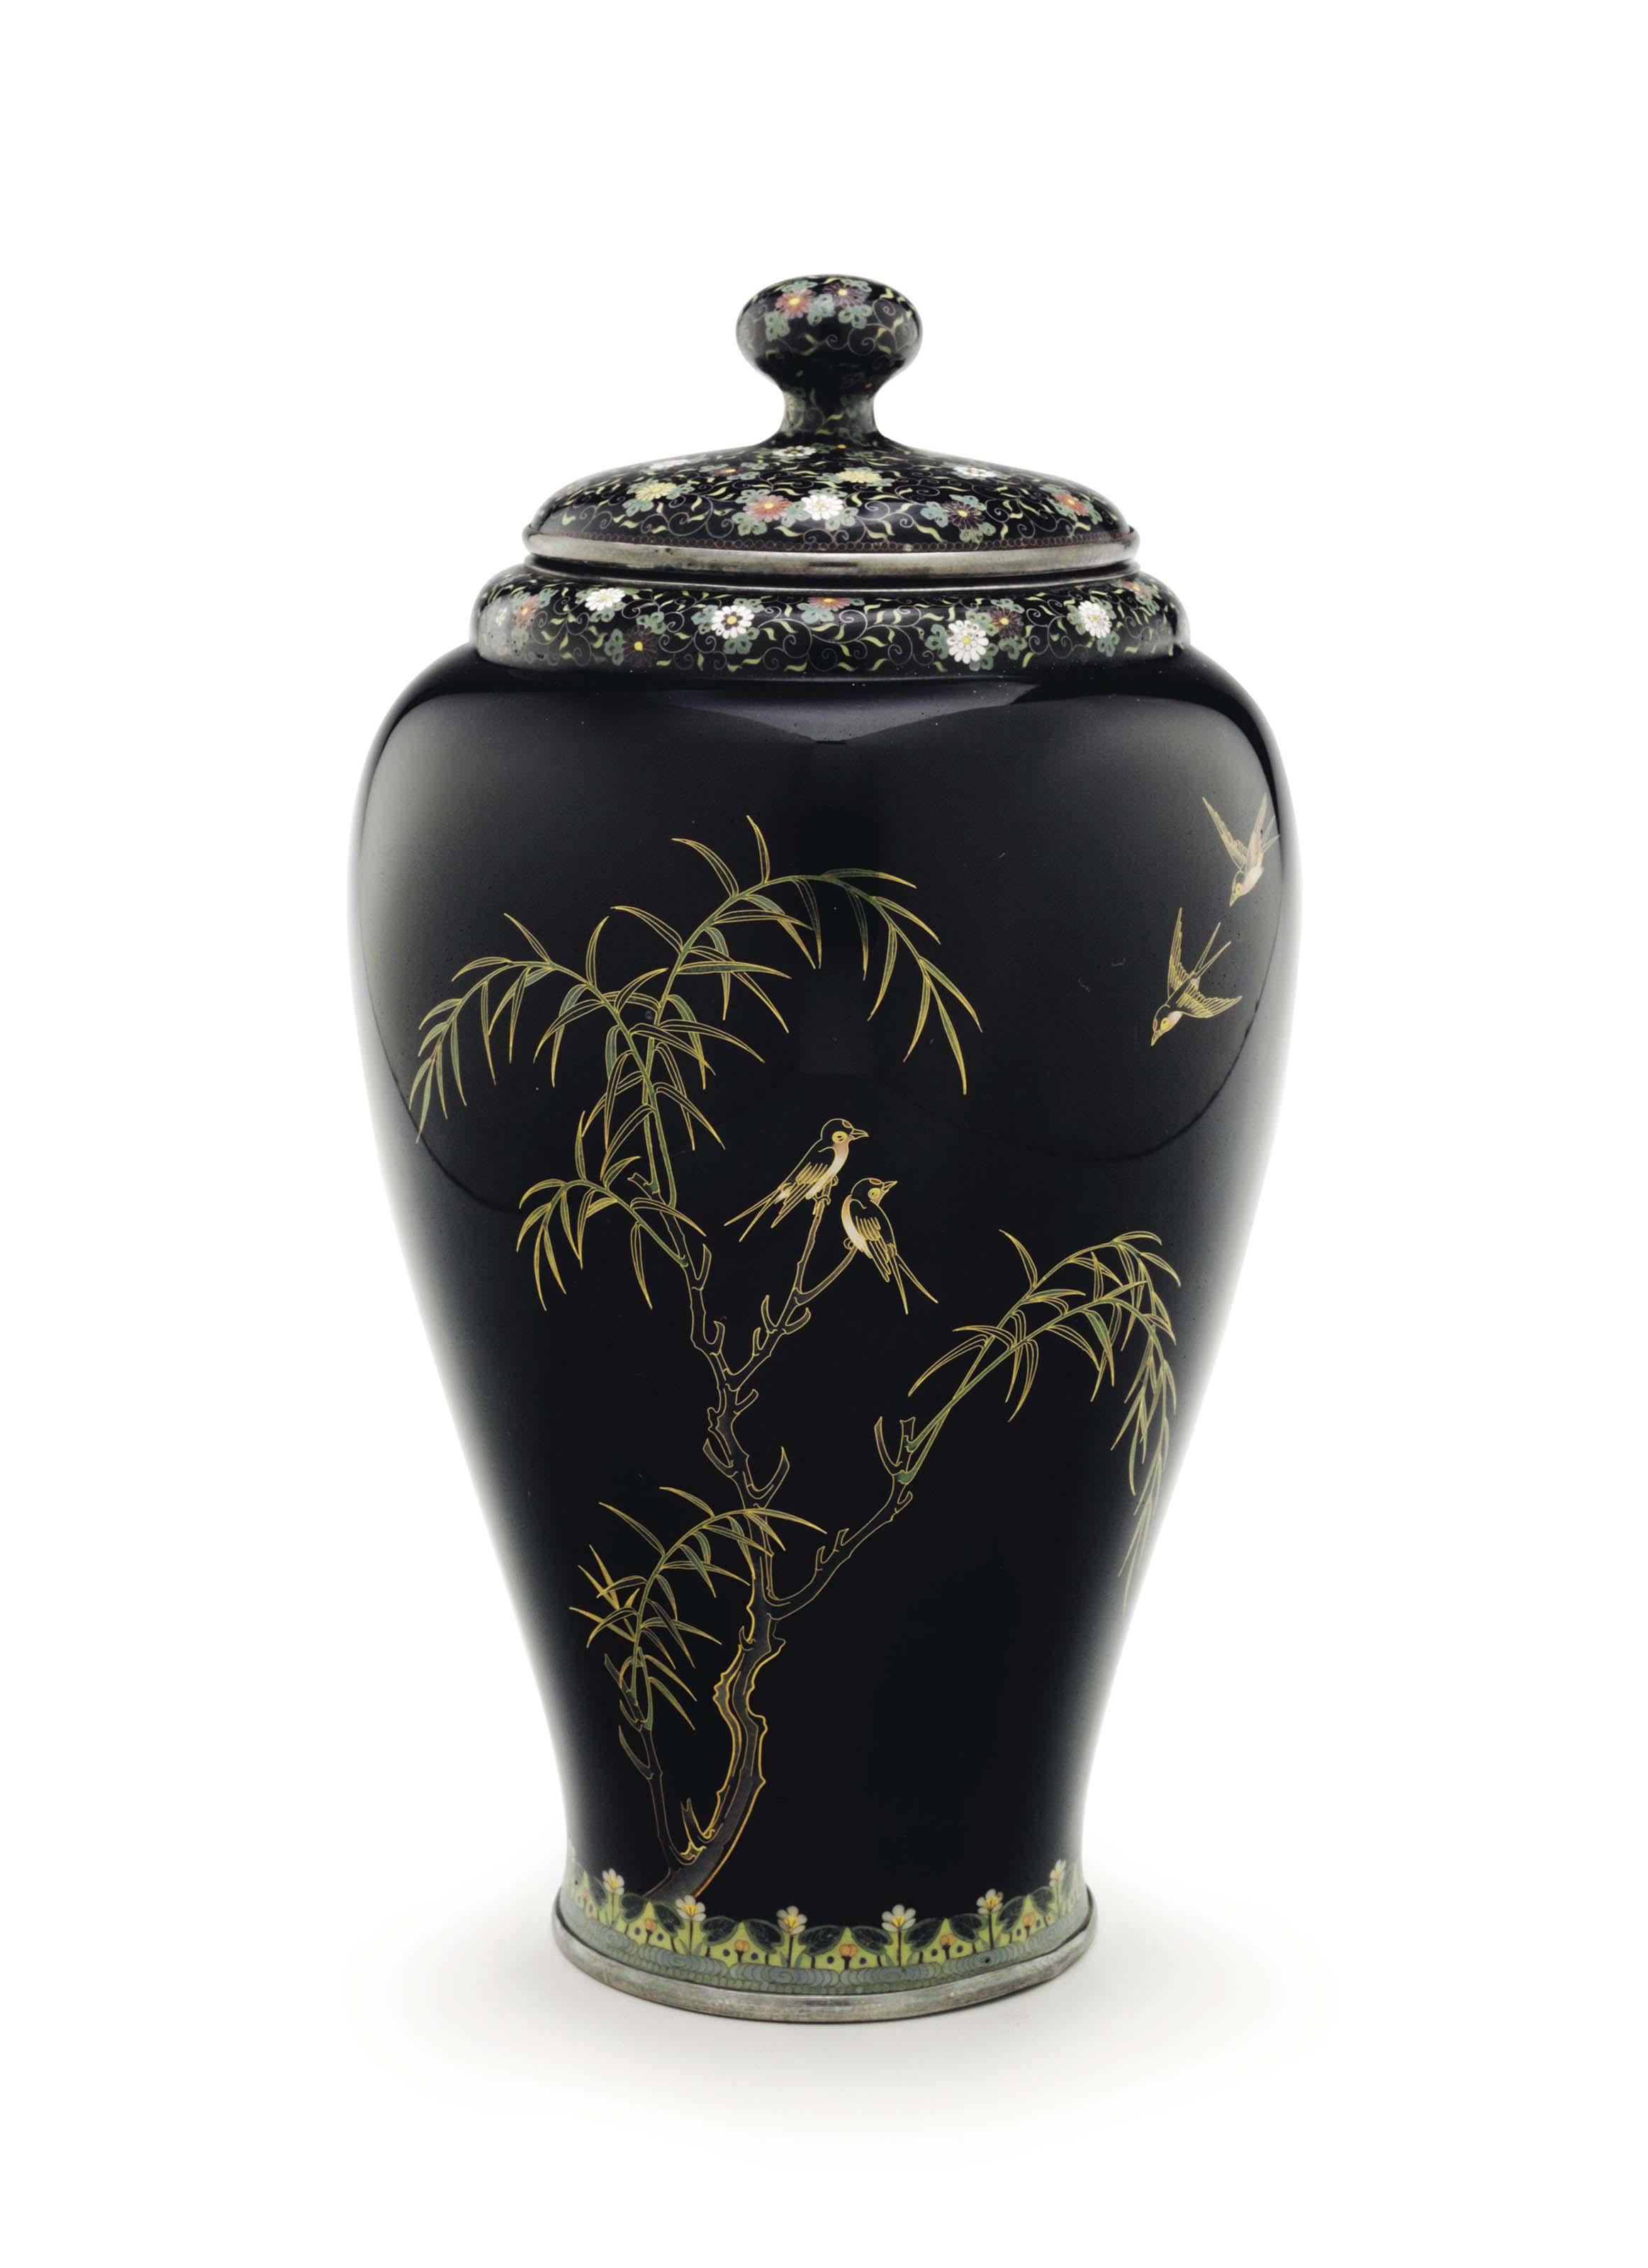 A cloisonné enamel vase and cover